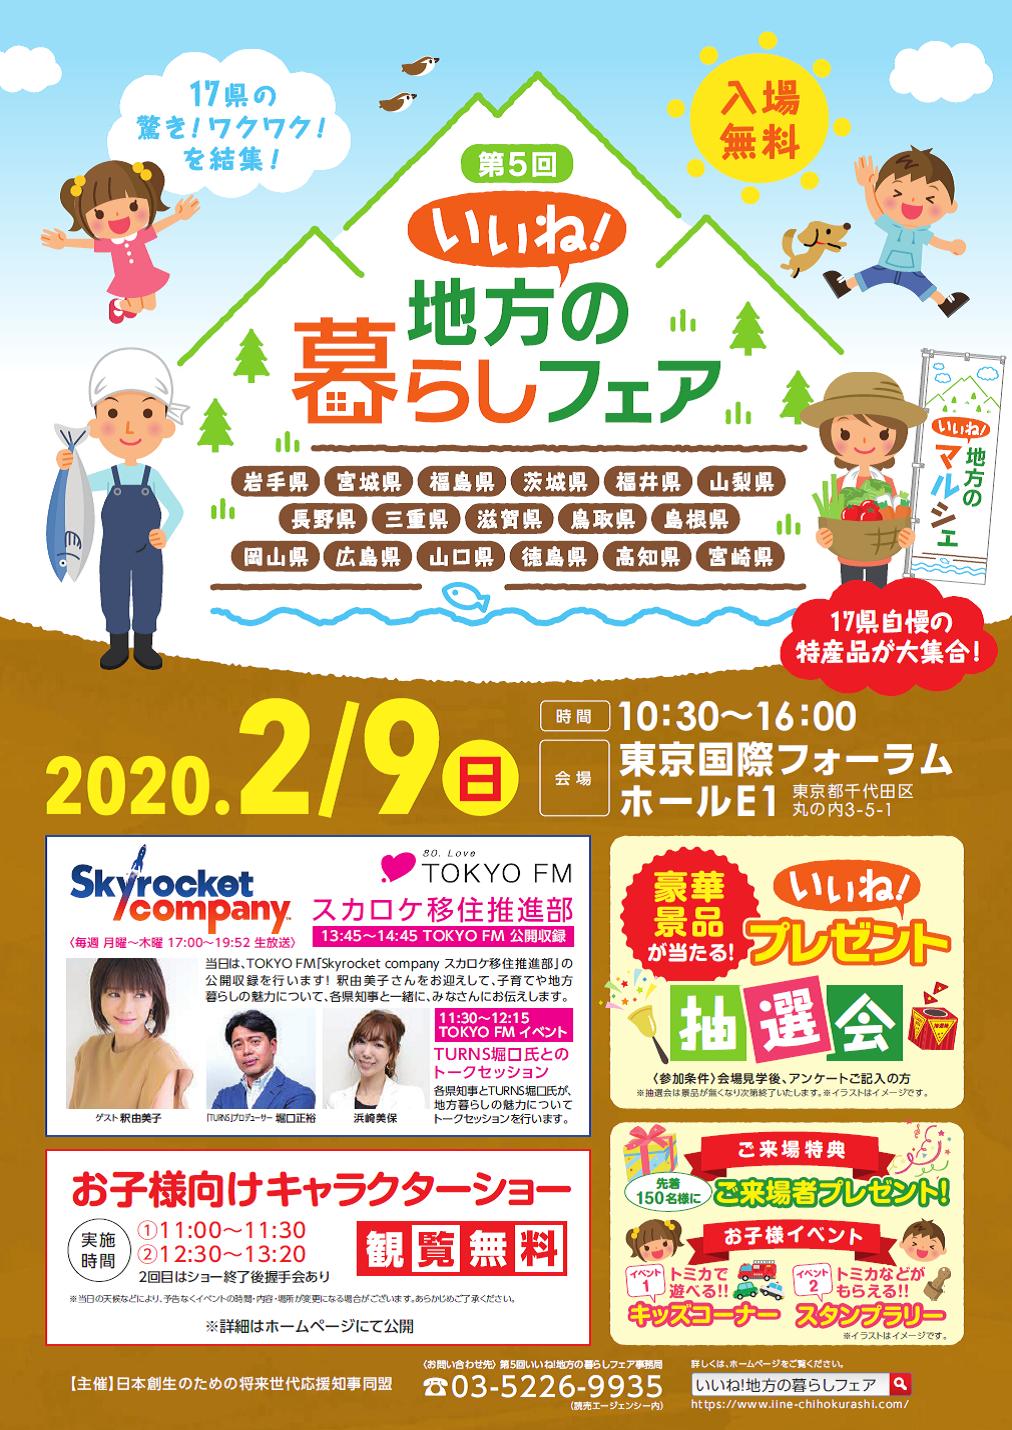 (終了しました)【東京/2月9日(金)】第5回いいね!地方の暮らしフェアに三重県が参加します。_写真1